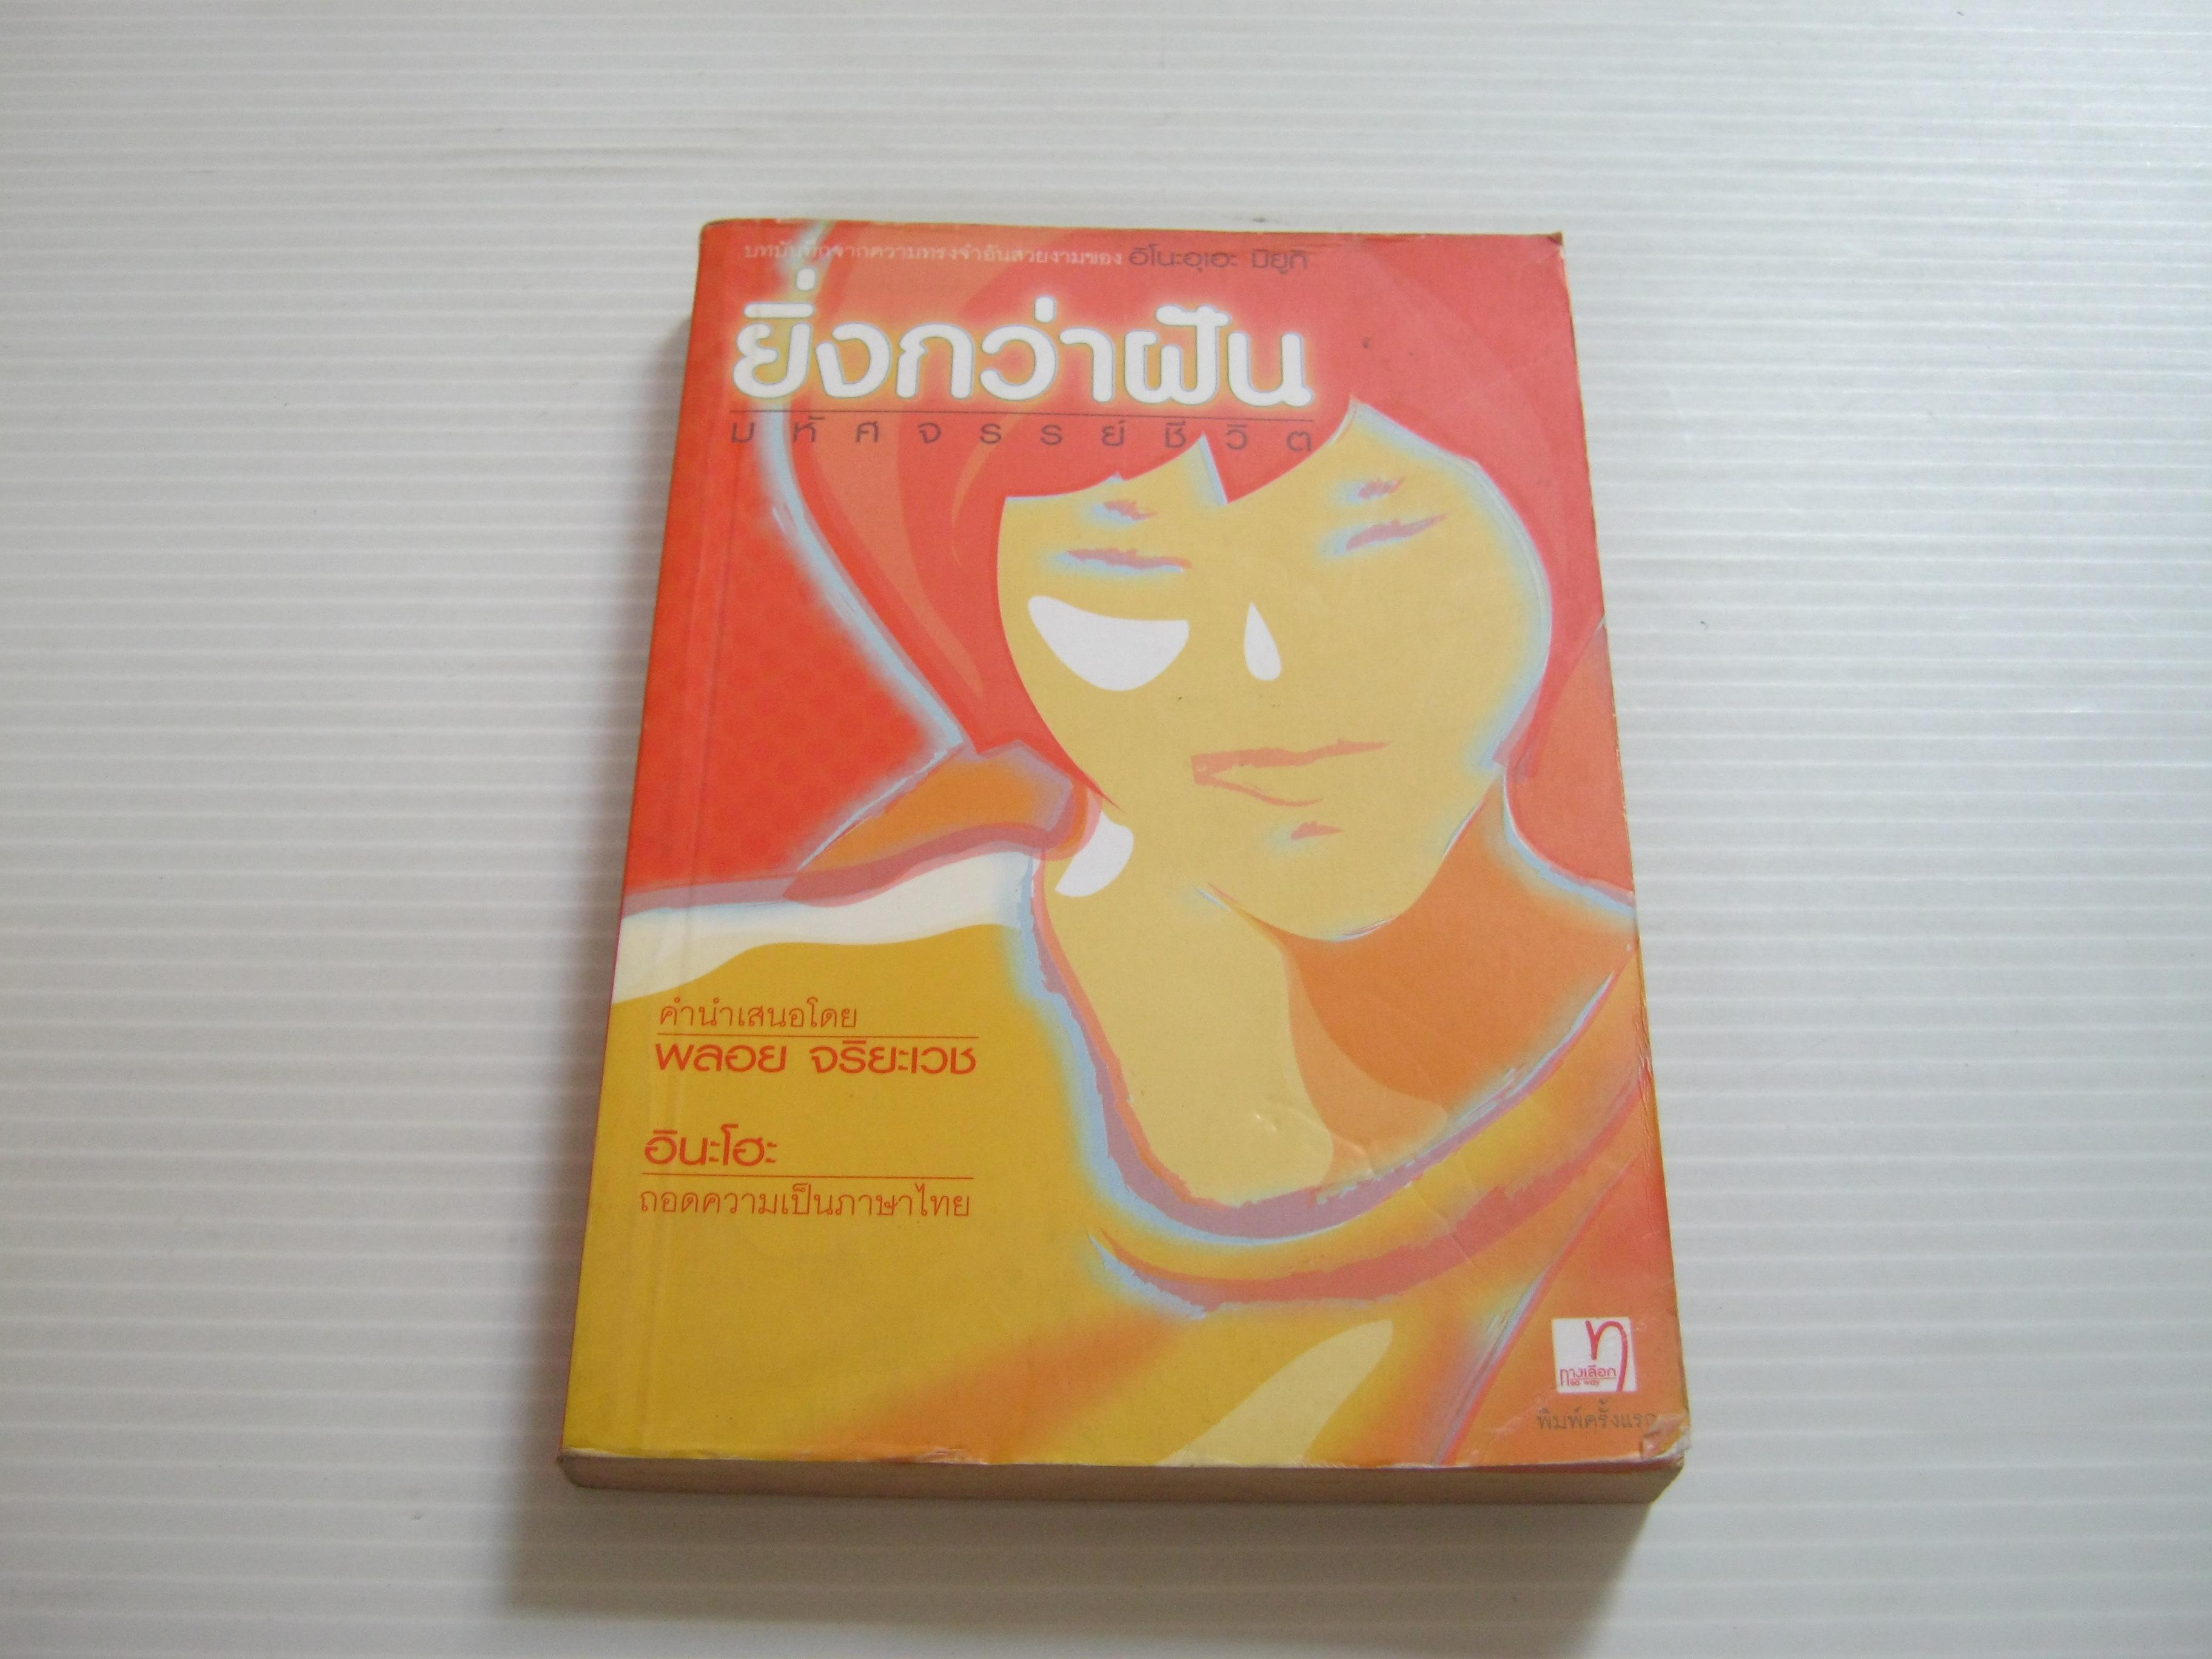 ยิ่งกว่าฝัน มหัศจรรย์ชีวิต อิโนะอุเอะ มิยูกิ เขียน อินะโฮะ แปล